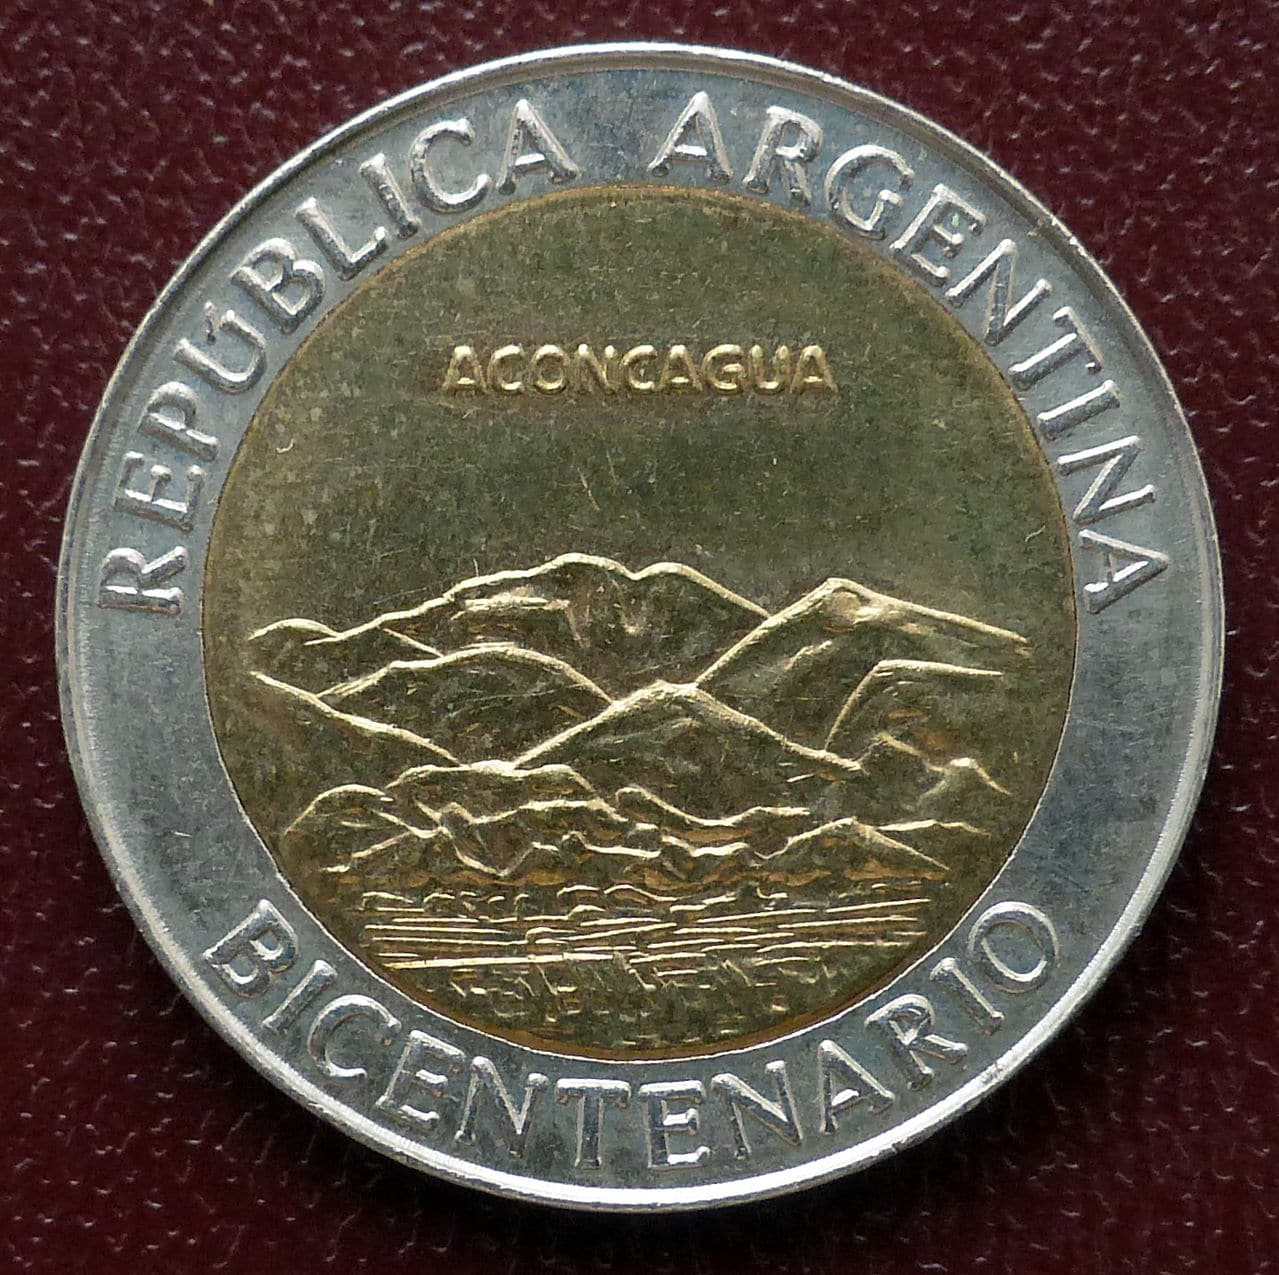 Argentina - Serie 1 peso - Bicentenario 1ar